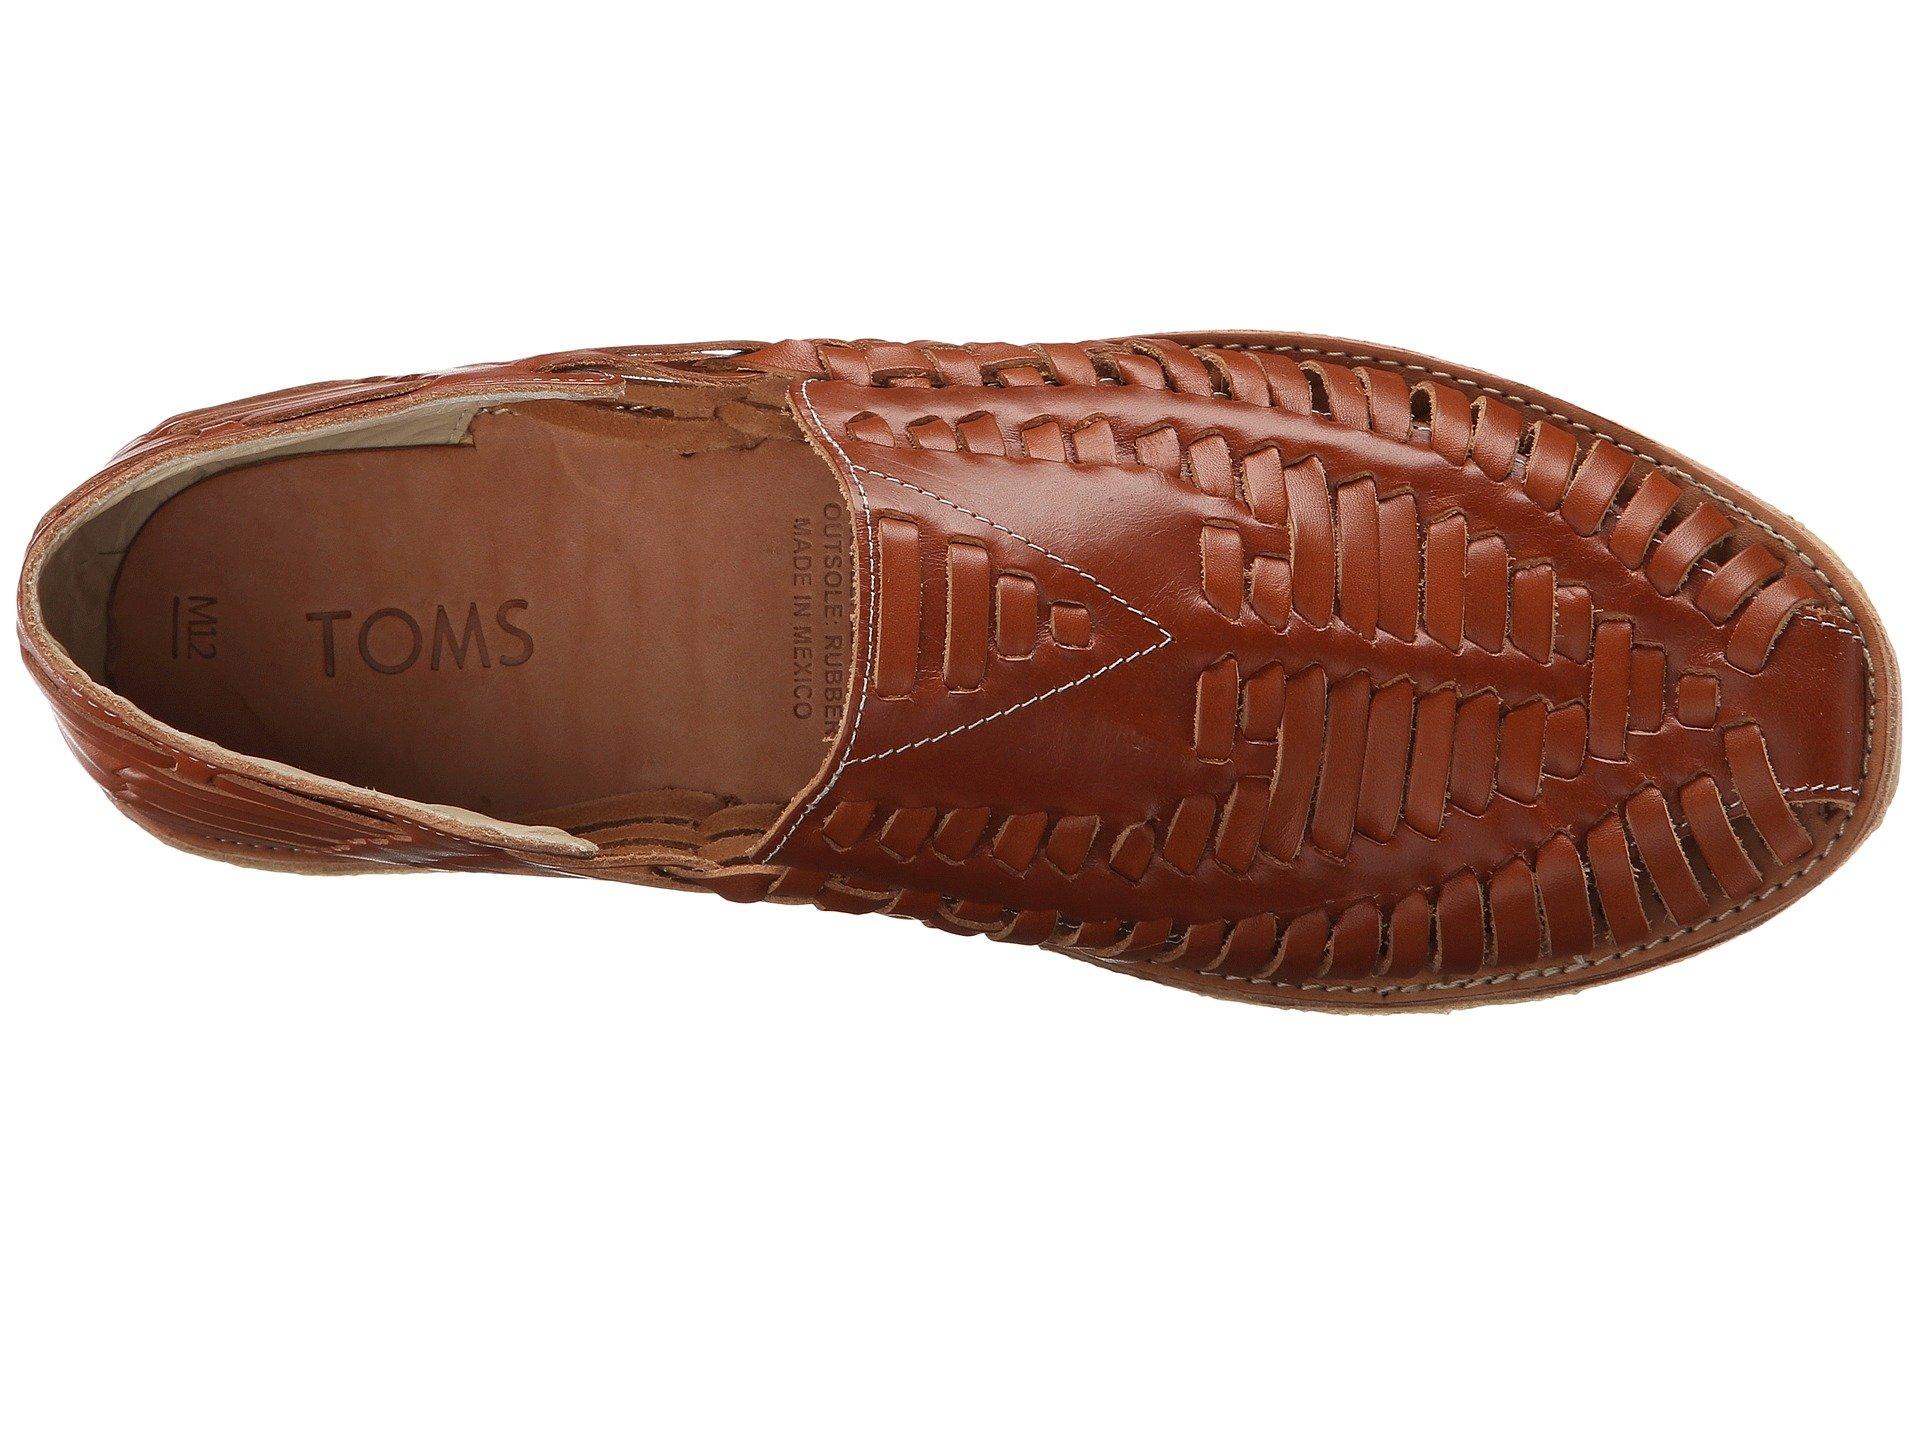 Toms Huarache Slip On In Brown For Men Lyst